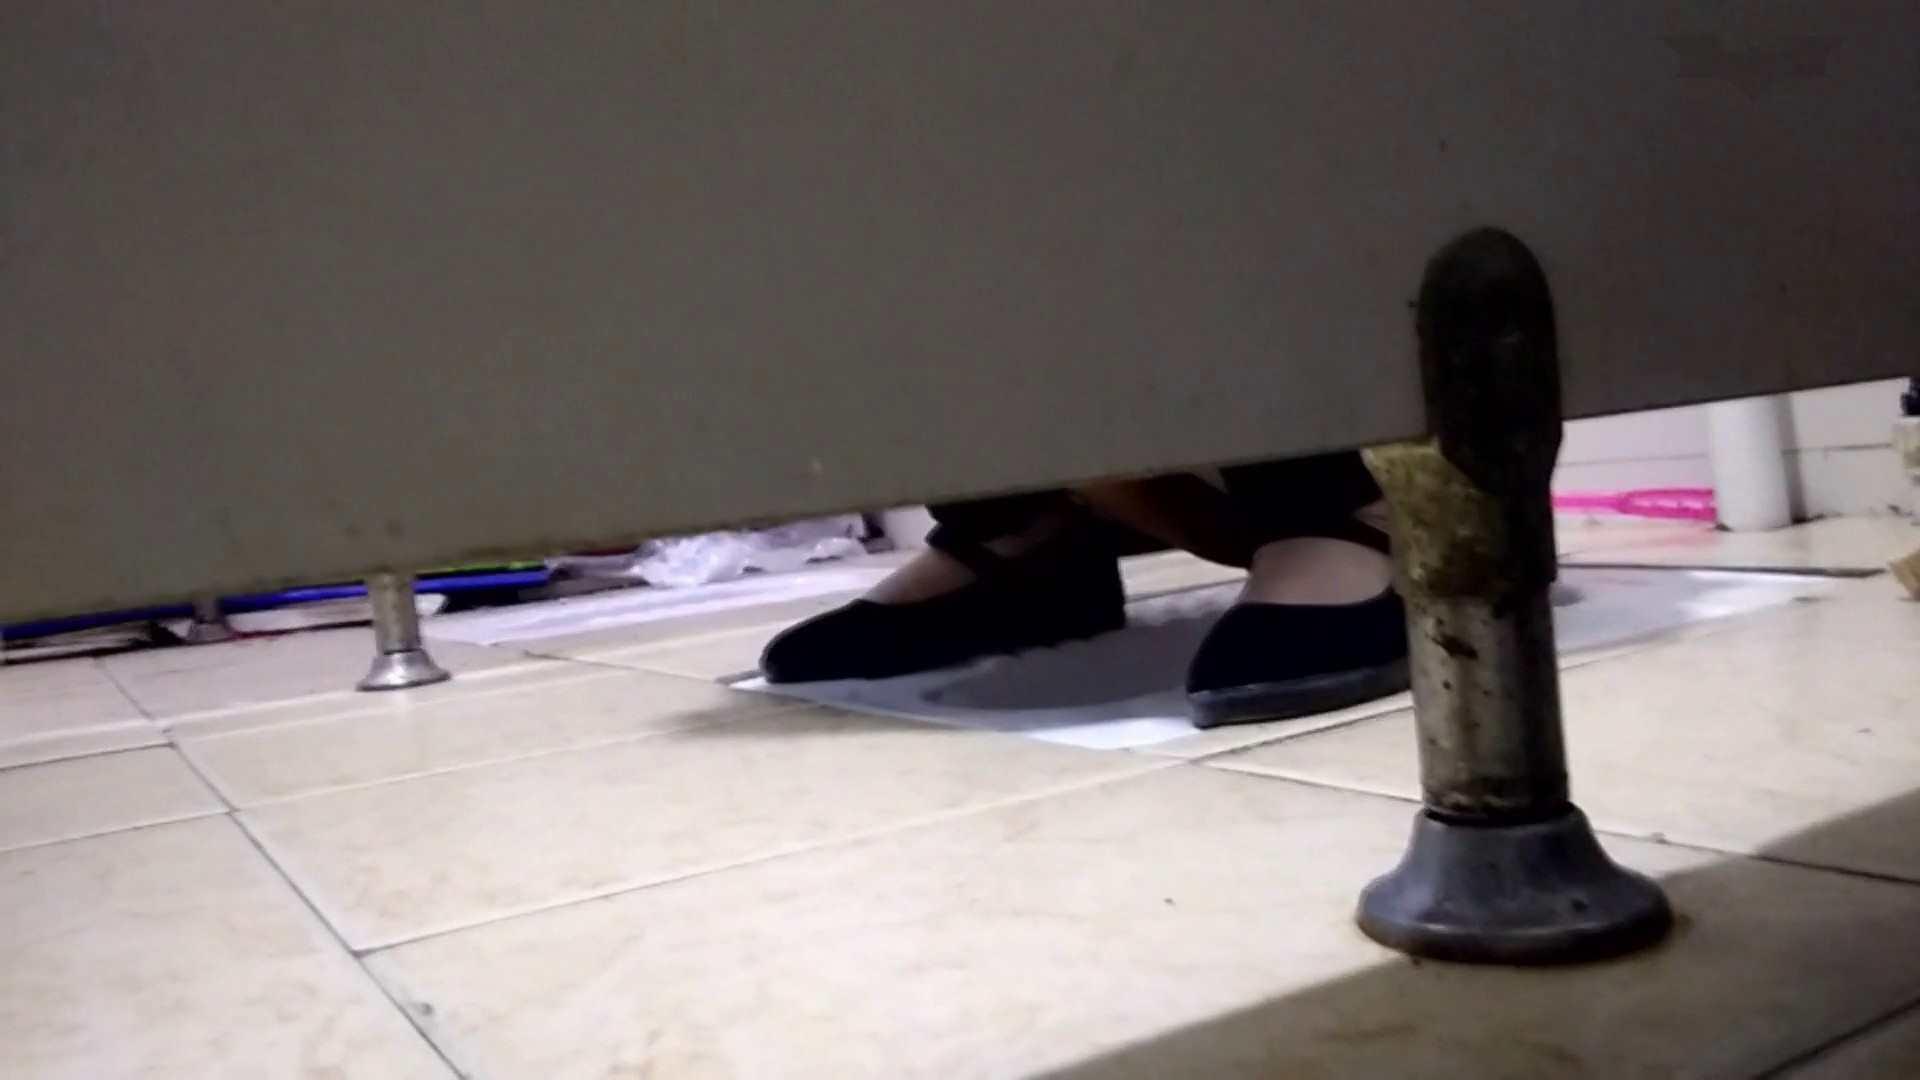 芸術大学ガチ潜入盗撮 JD盗撮 美女の洗面所の秘密 Vol.105 ギャル攻め アダルト動画キャプチャ 68画像 26